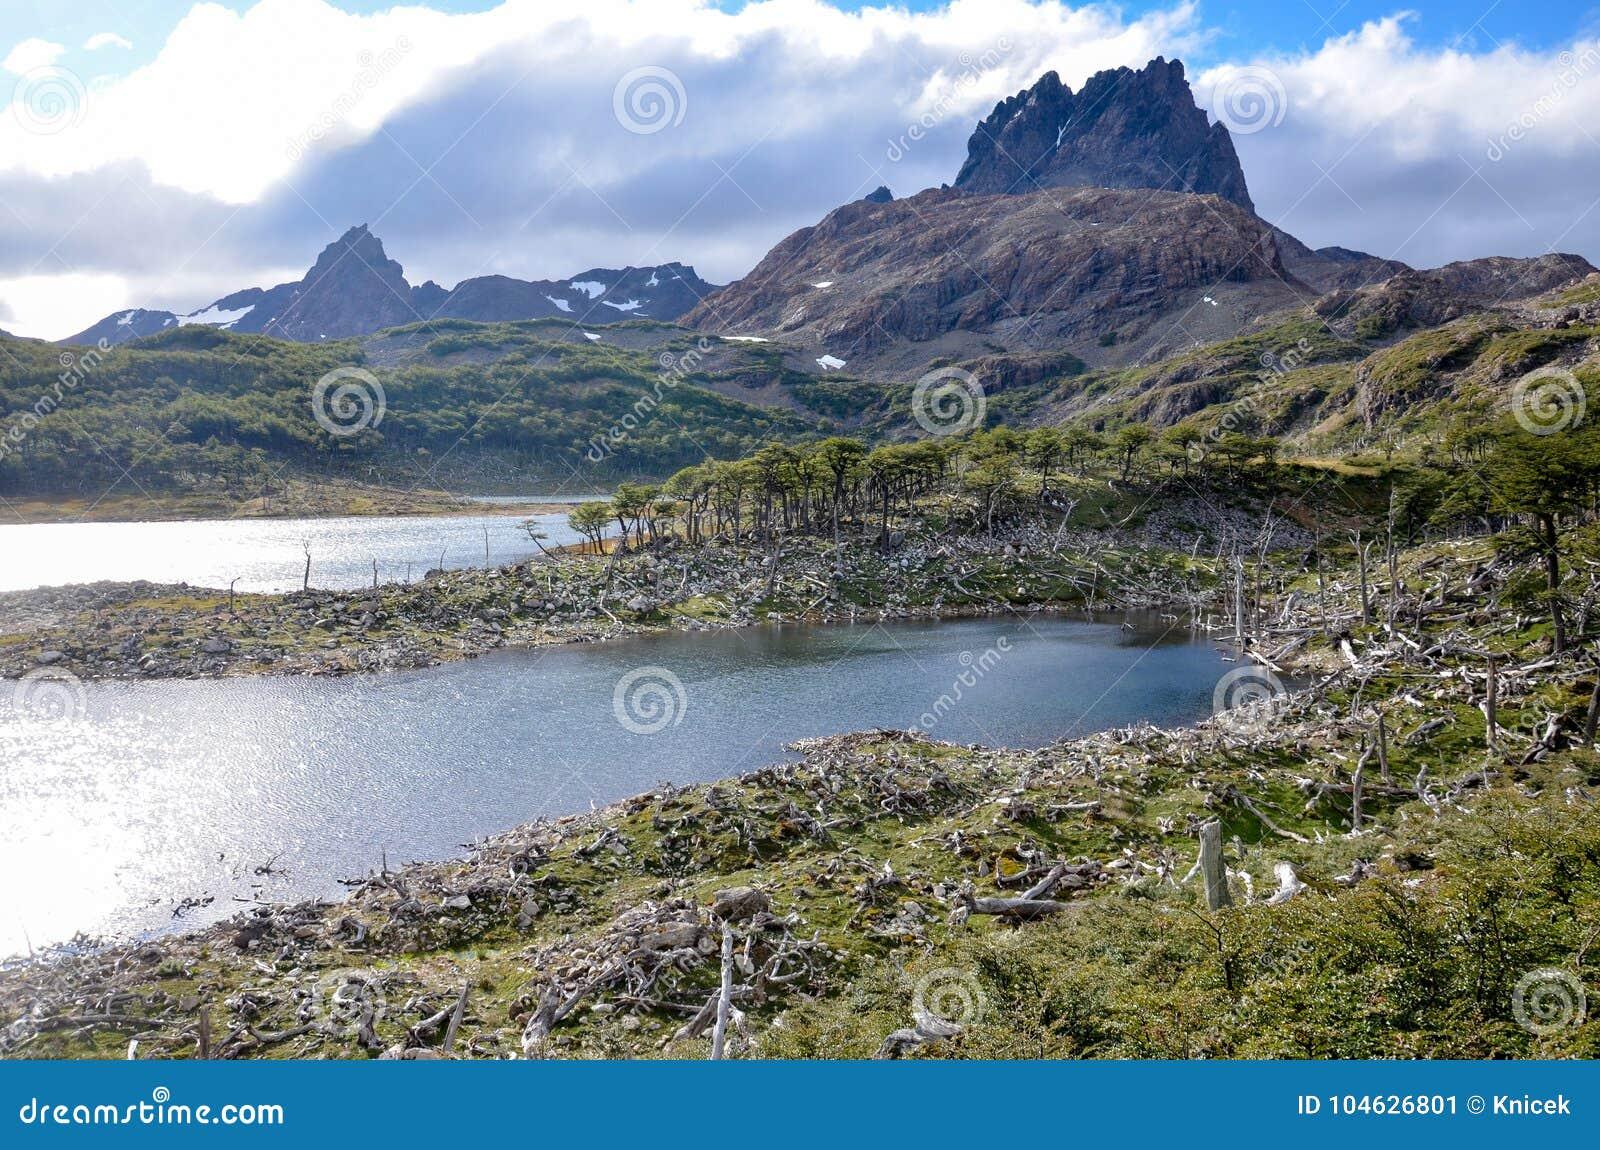 Dommages faits par les castors et le barrage de castor en Dientes de Navarino, Isla Navarino, Chili